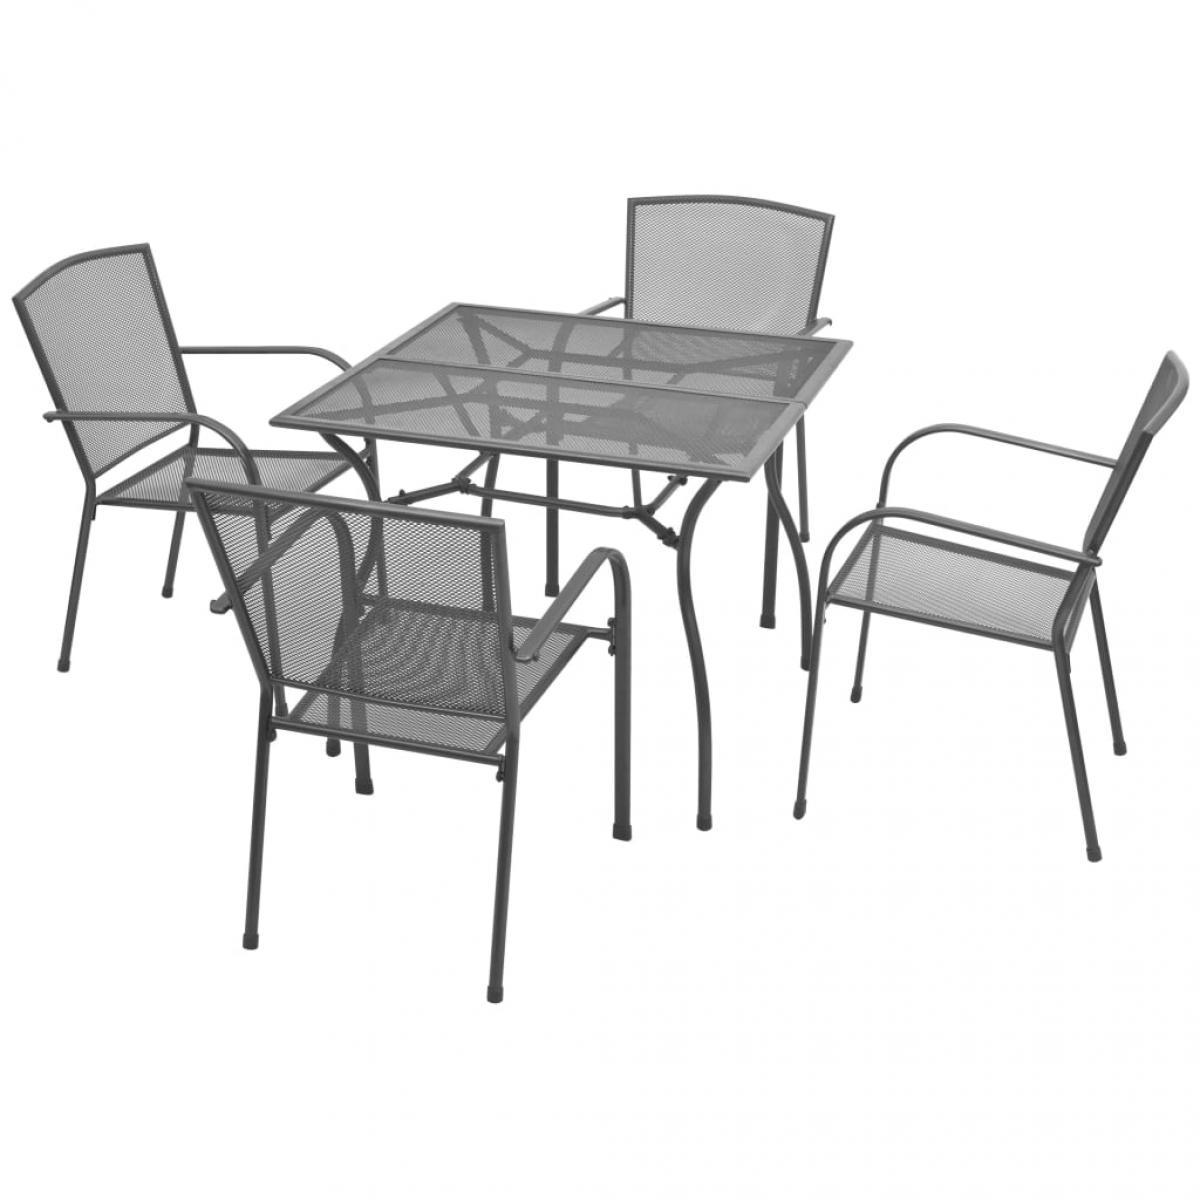 Vidaxl vidaXL Mobilier de salle à manger d'extérieur 5 pcs Acier Anthracite